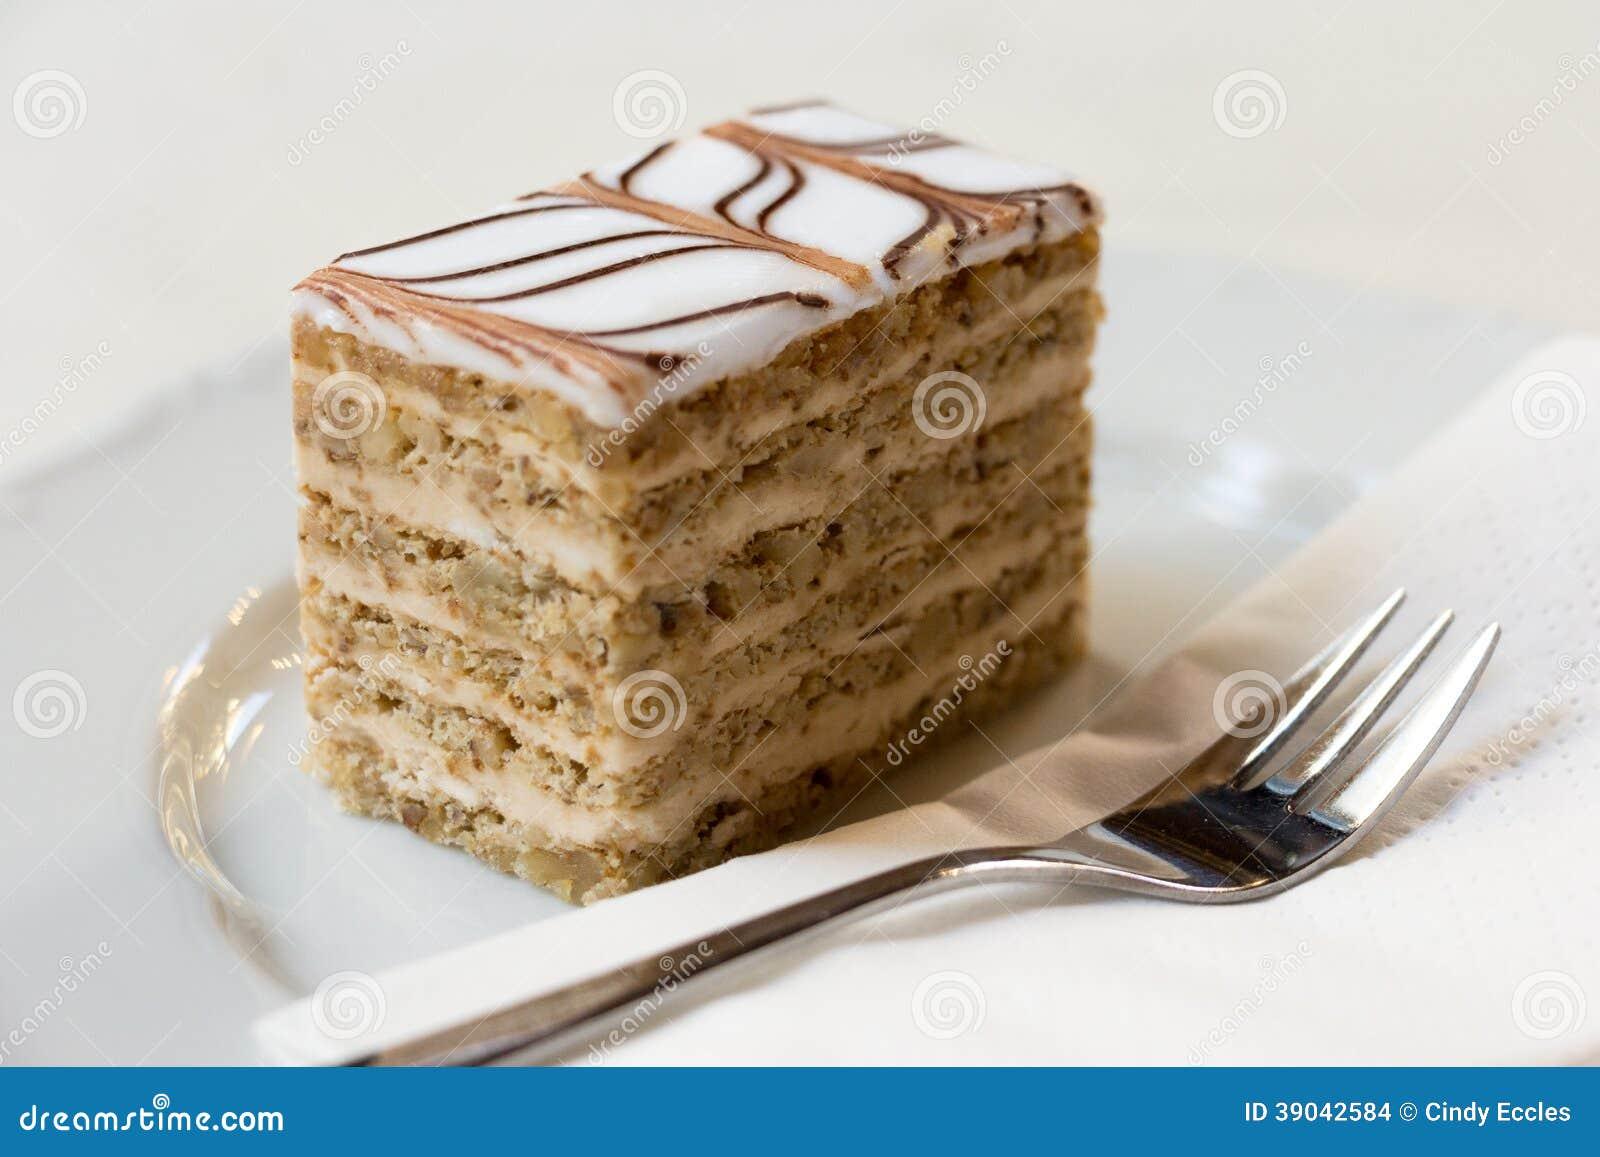 Coffee Walnut Caramel Cake